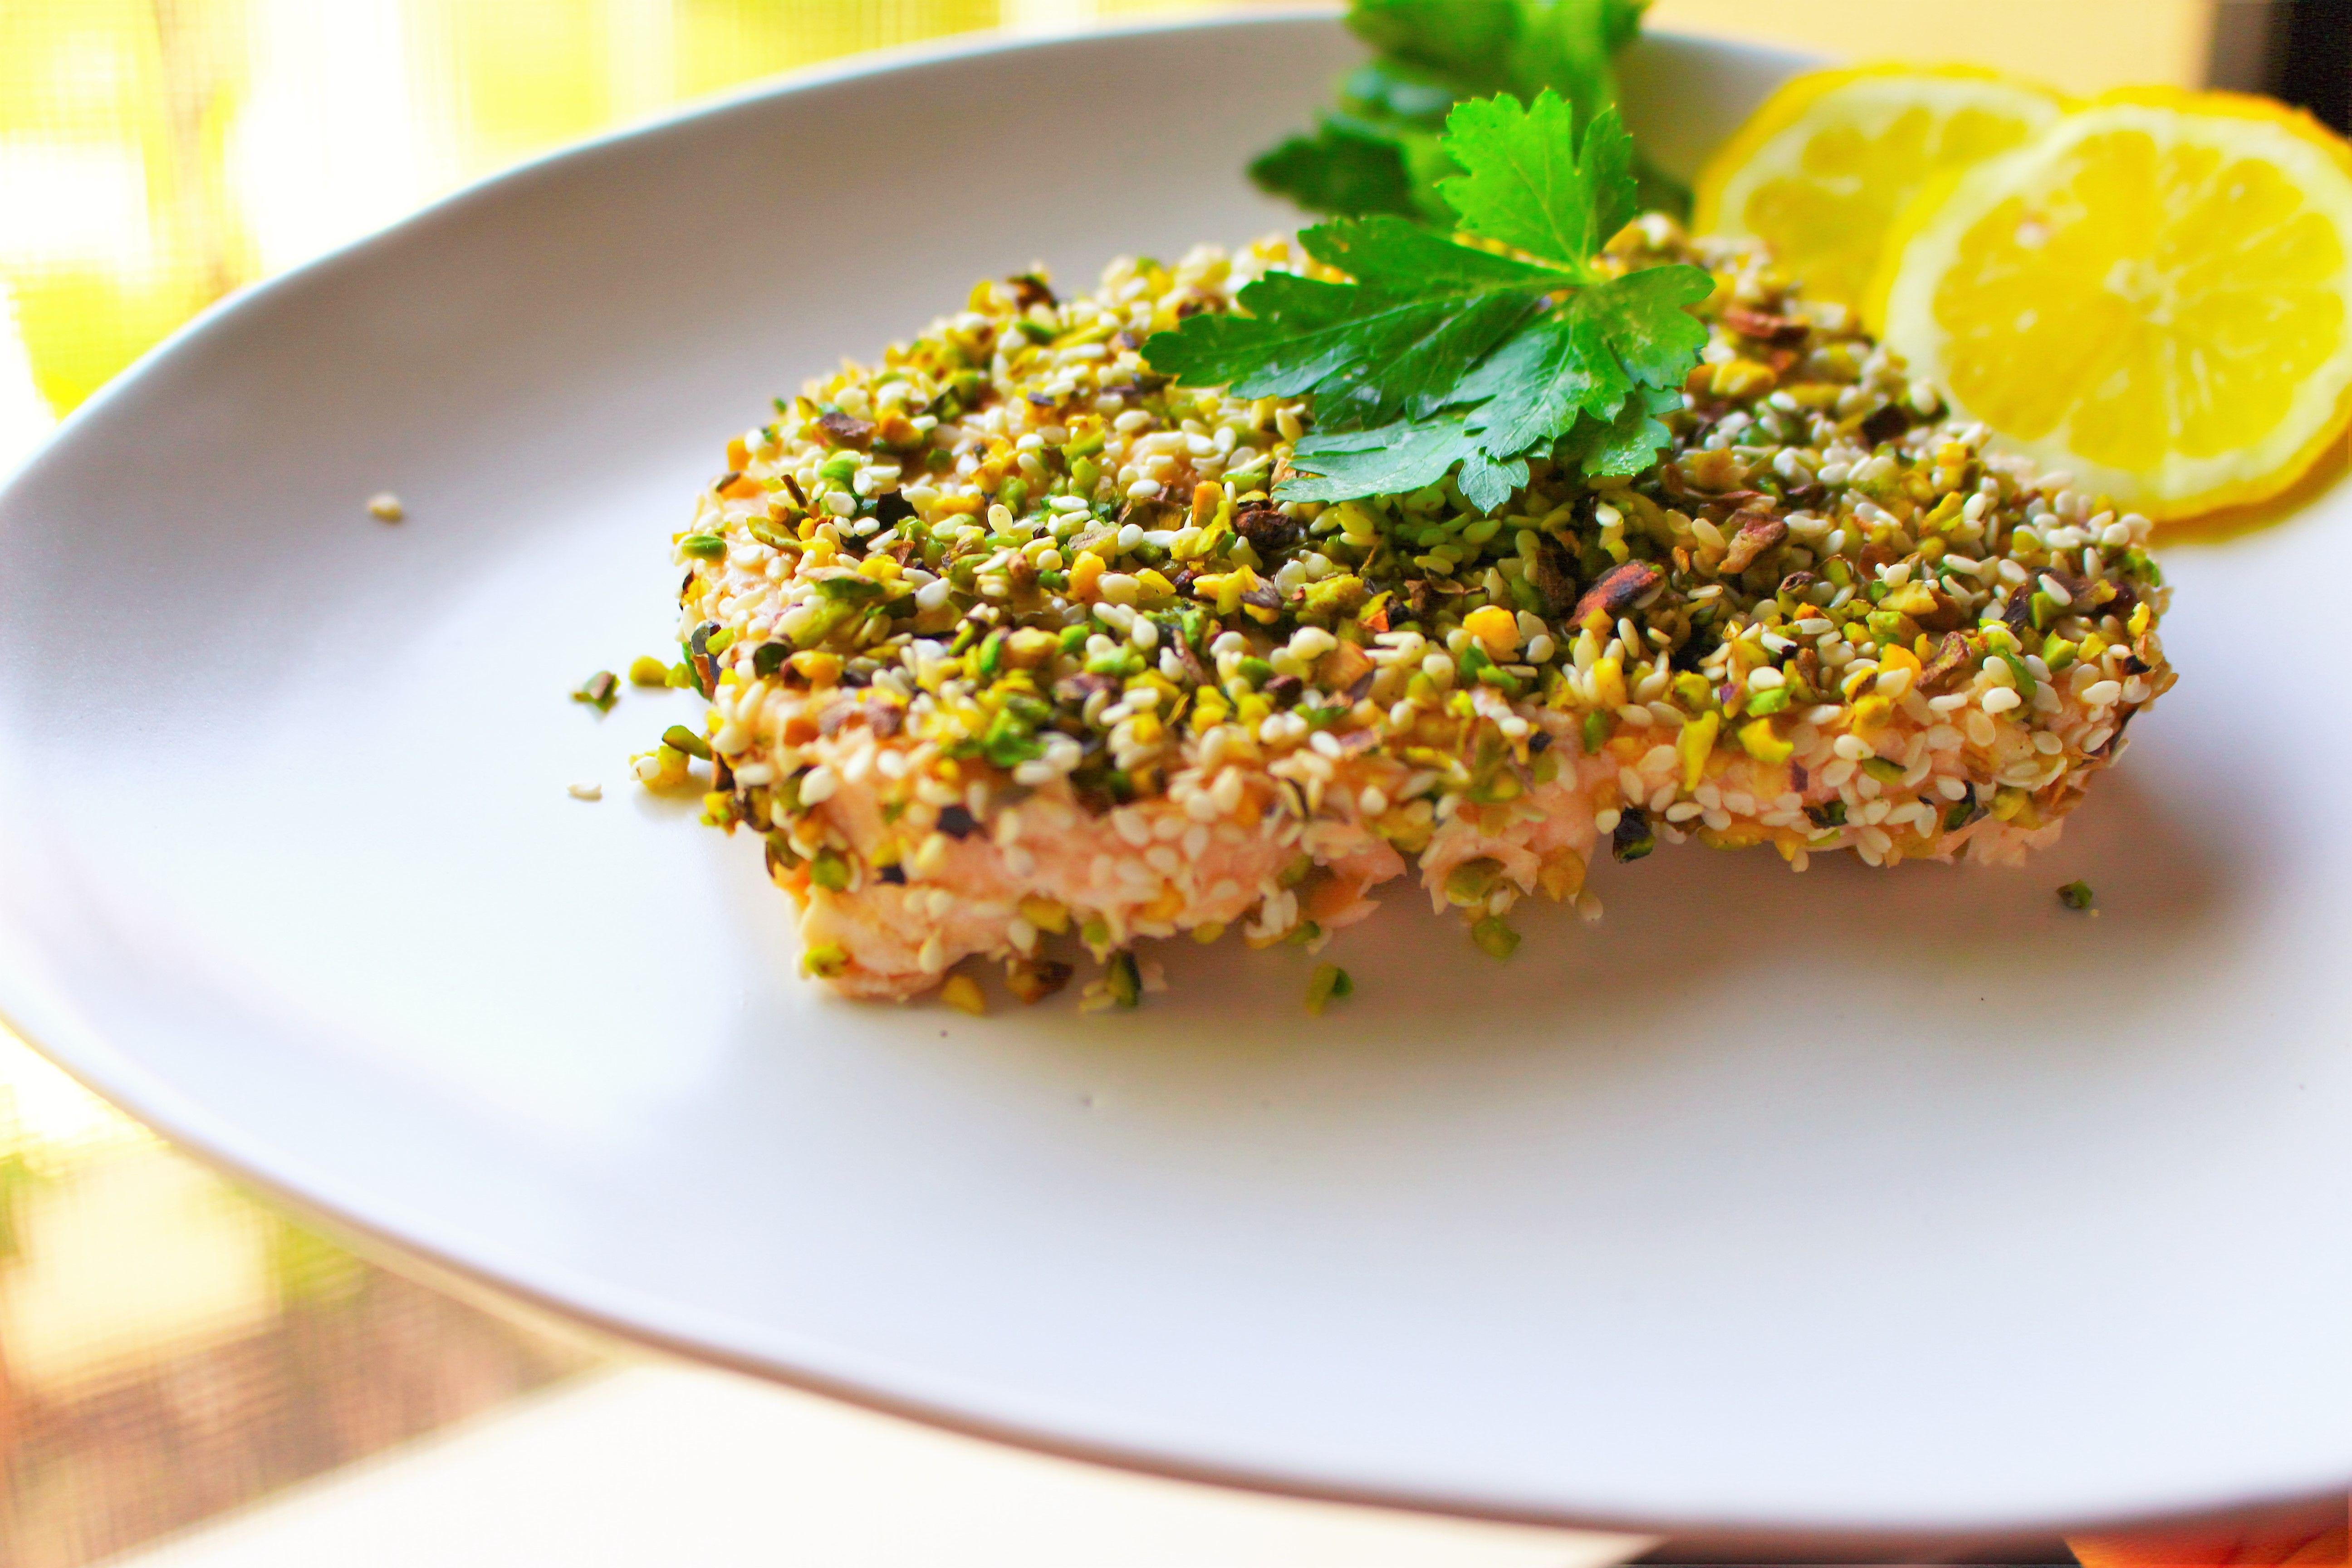 Ricetta Salmone Con Pistacchi.Salmone In Crosta Di Pistacchio E Sesamo Salmone Al Vapore Light Ricette Crostata Salmone